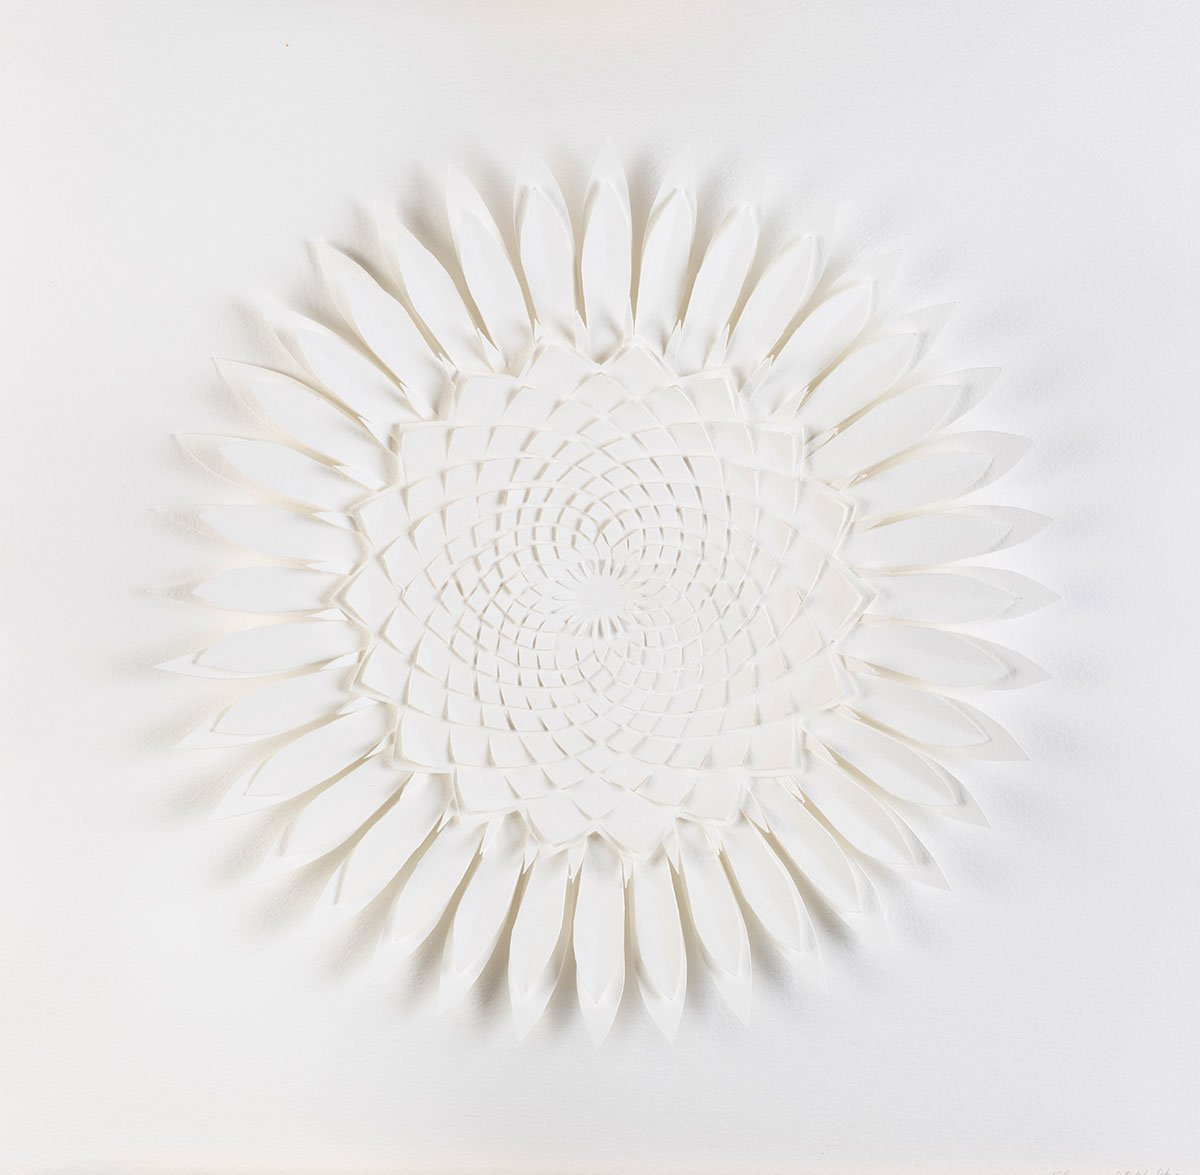 07_Flower-2011